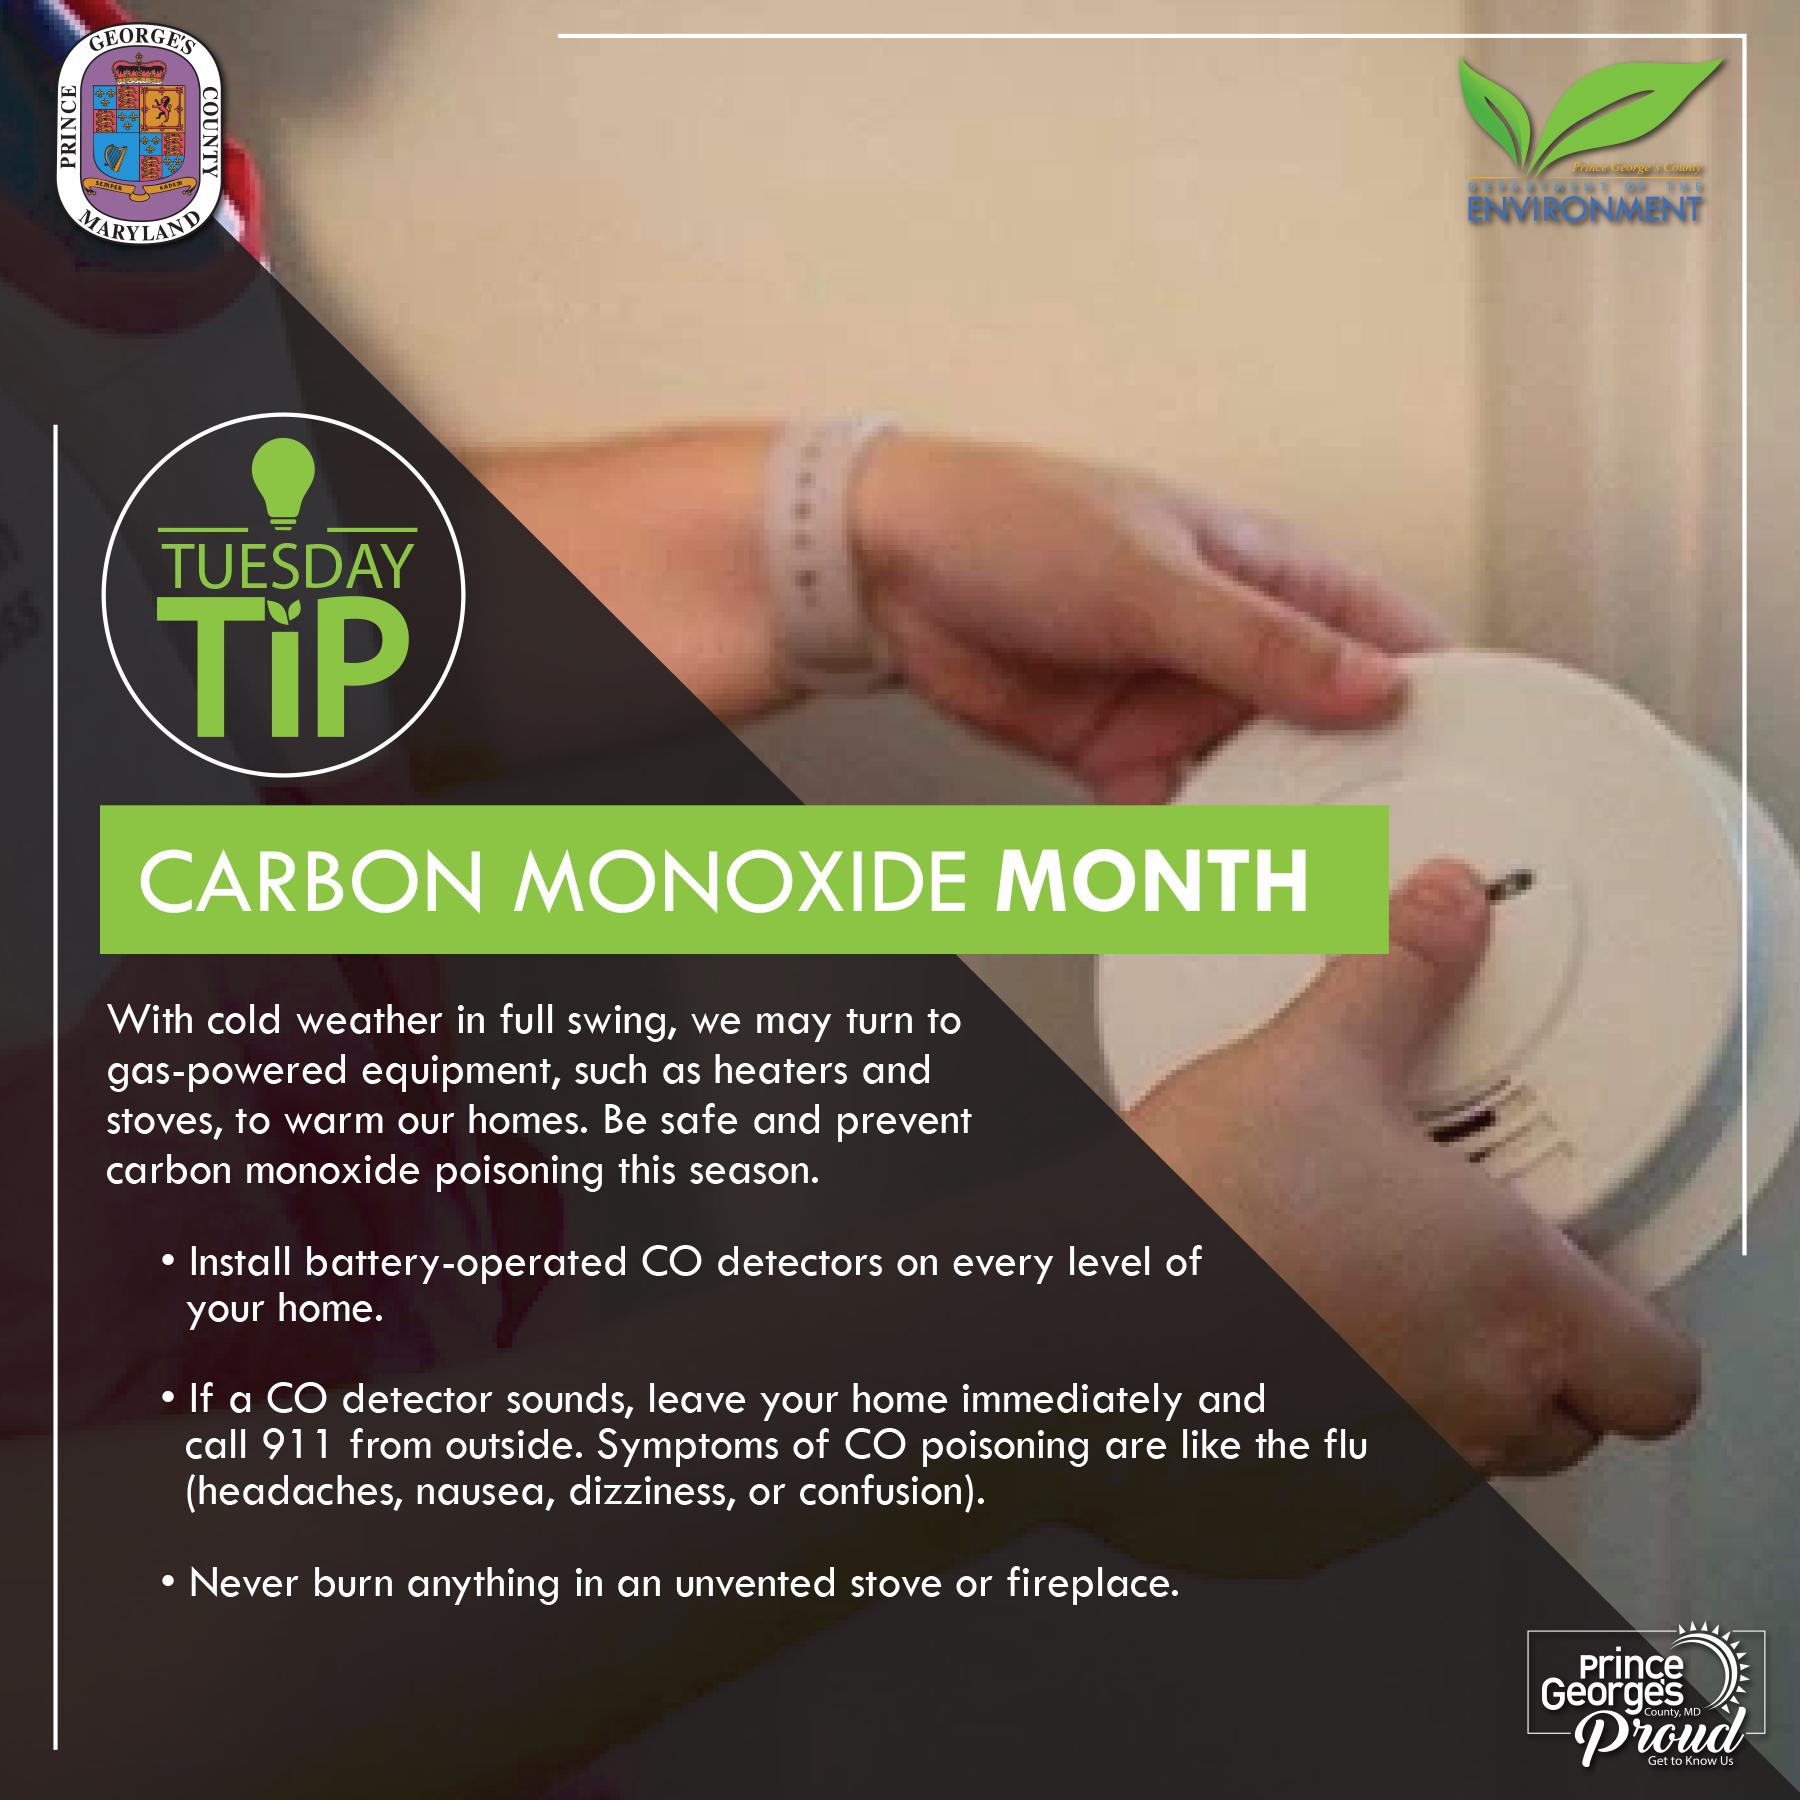 Tues tip 1.26.21 carbon monoxide eng